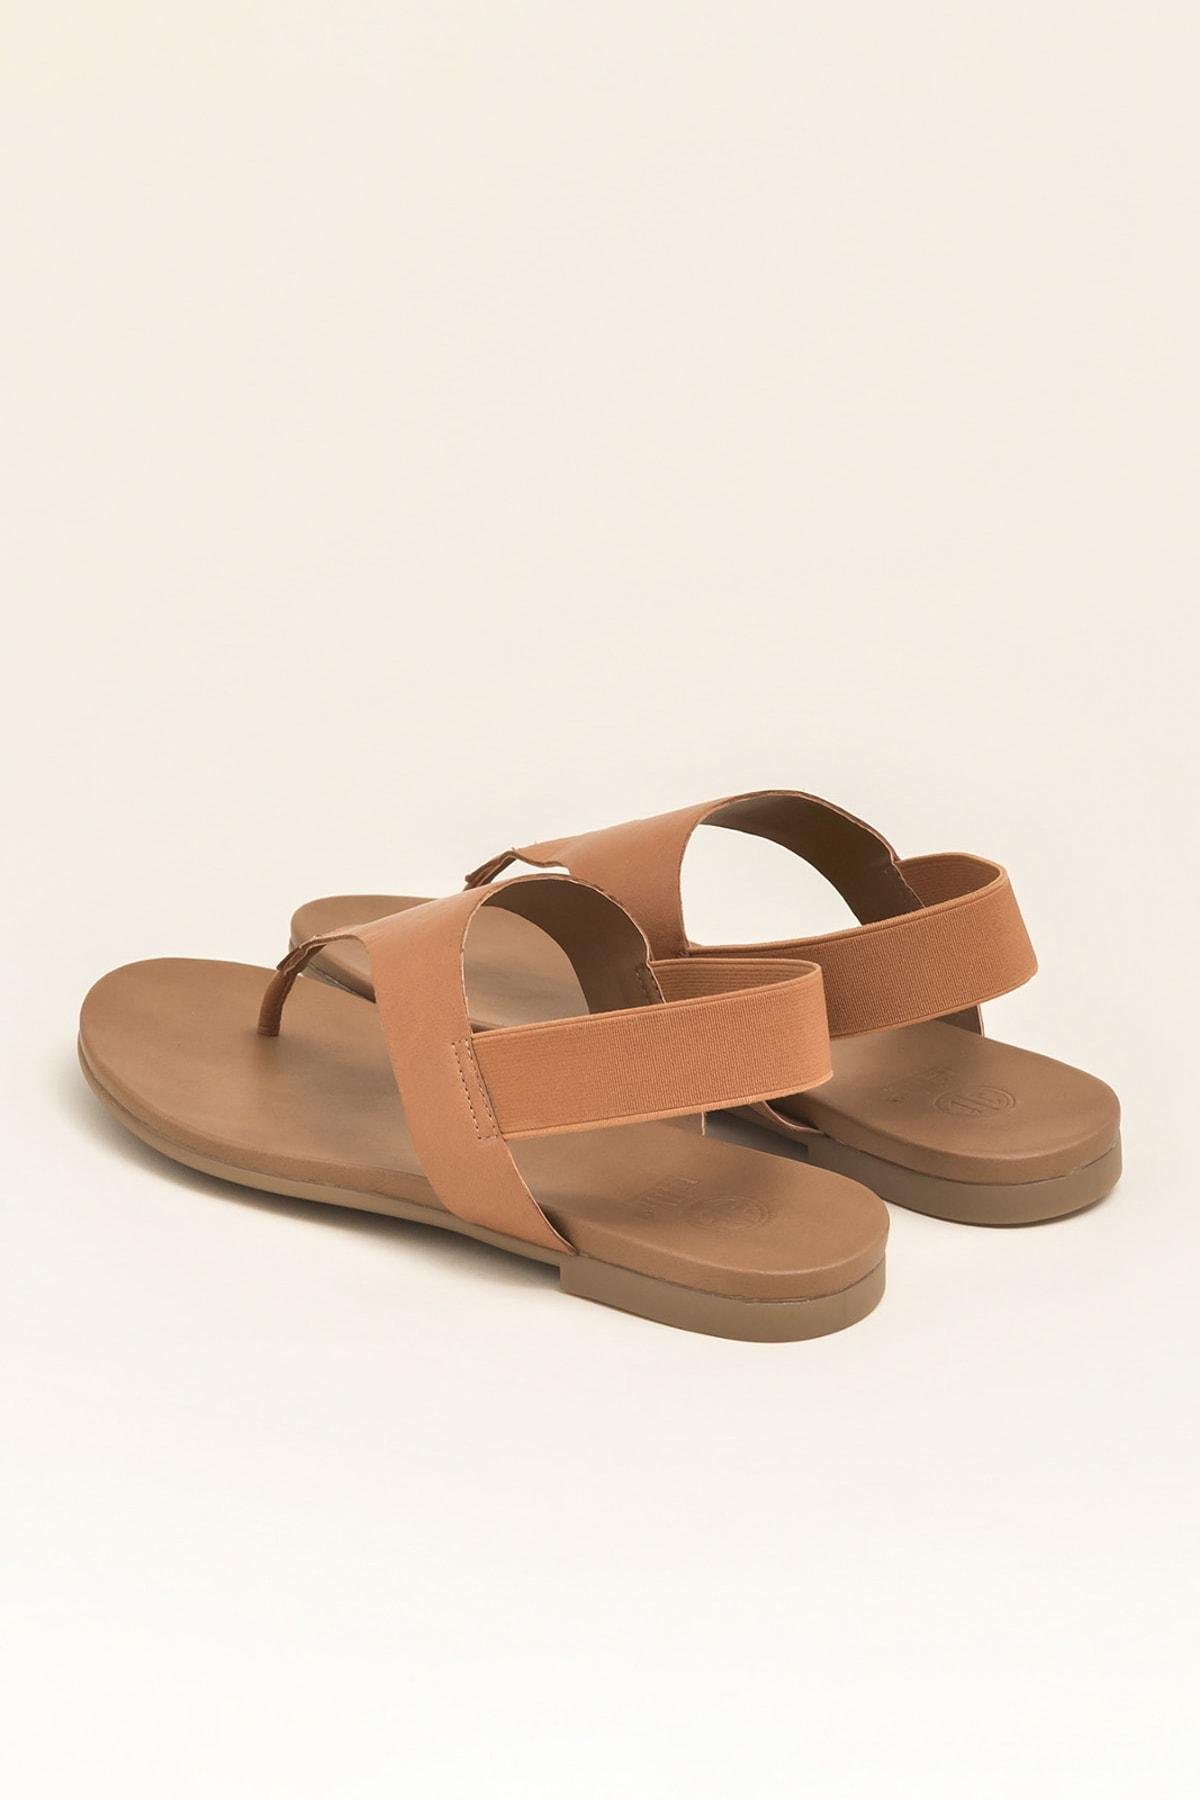 Elle Shoes ERTHA Hakiki Deri Taba Kadın Sandalet 2